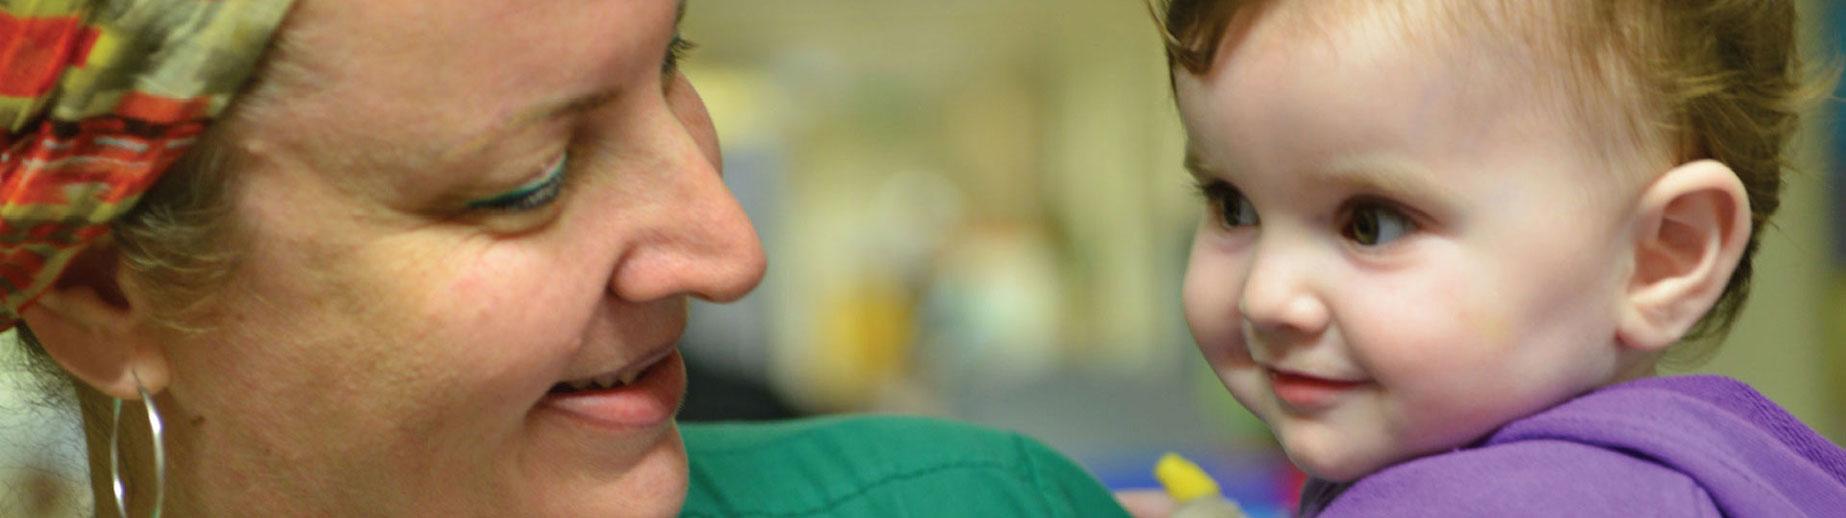 תורמים לבית החולים מעיני הישועה ומצילים חיים